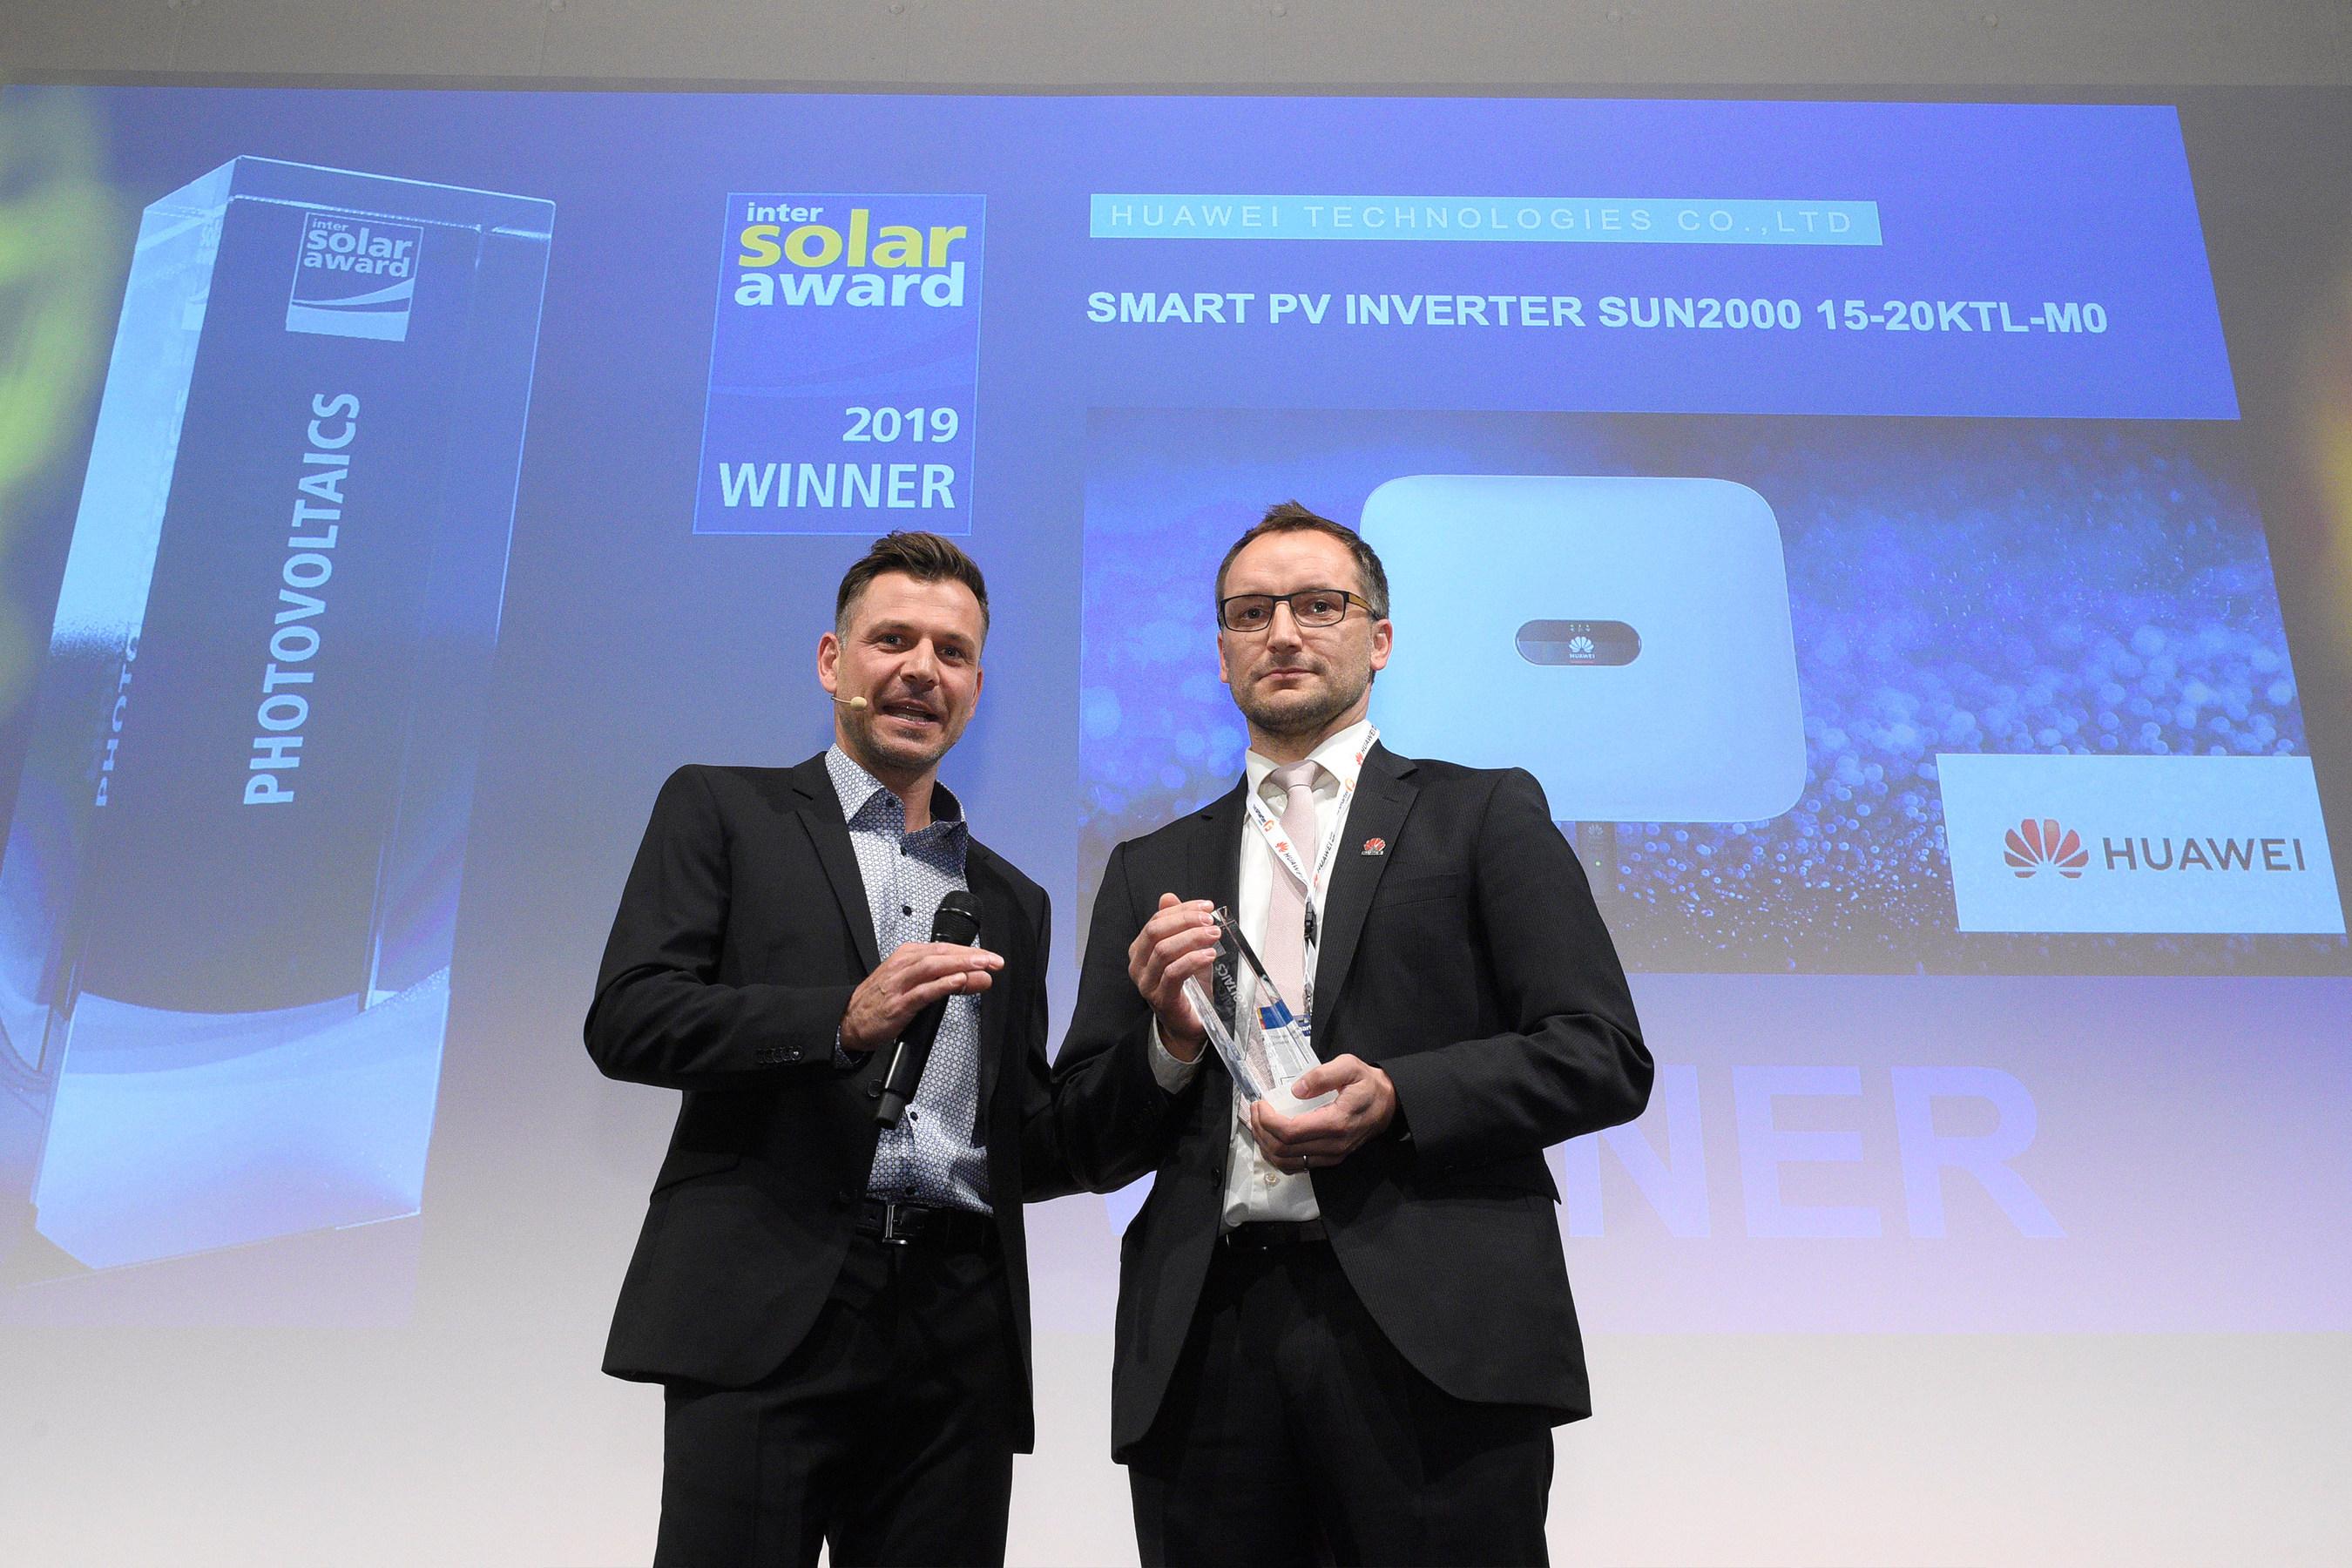 Huawei obtiene el Premio Intersolar en la feria Intersolar 2019